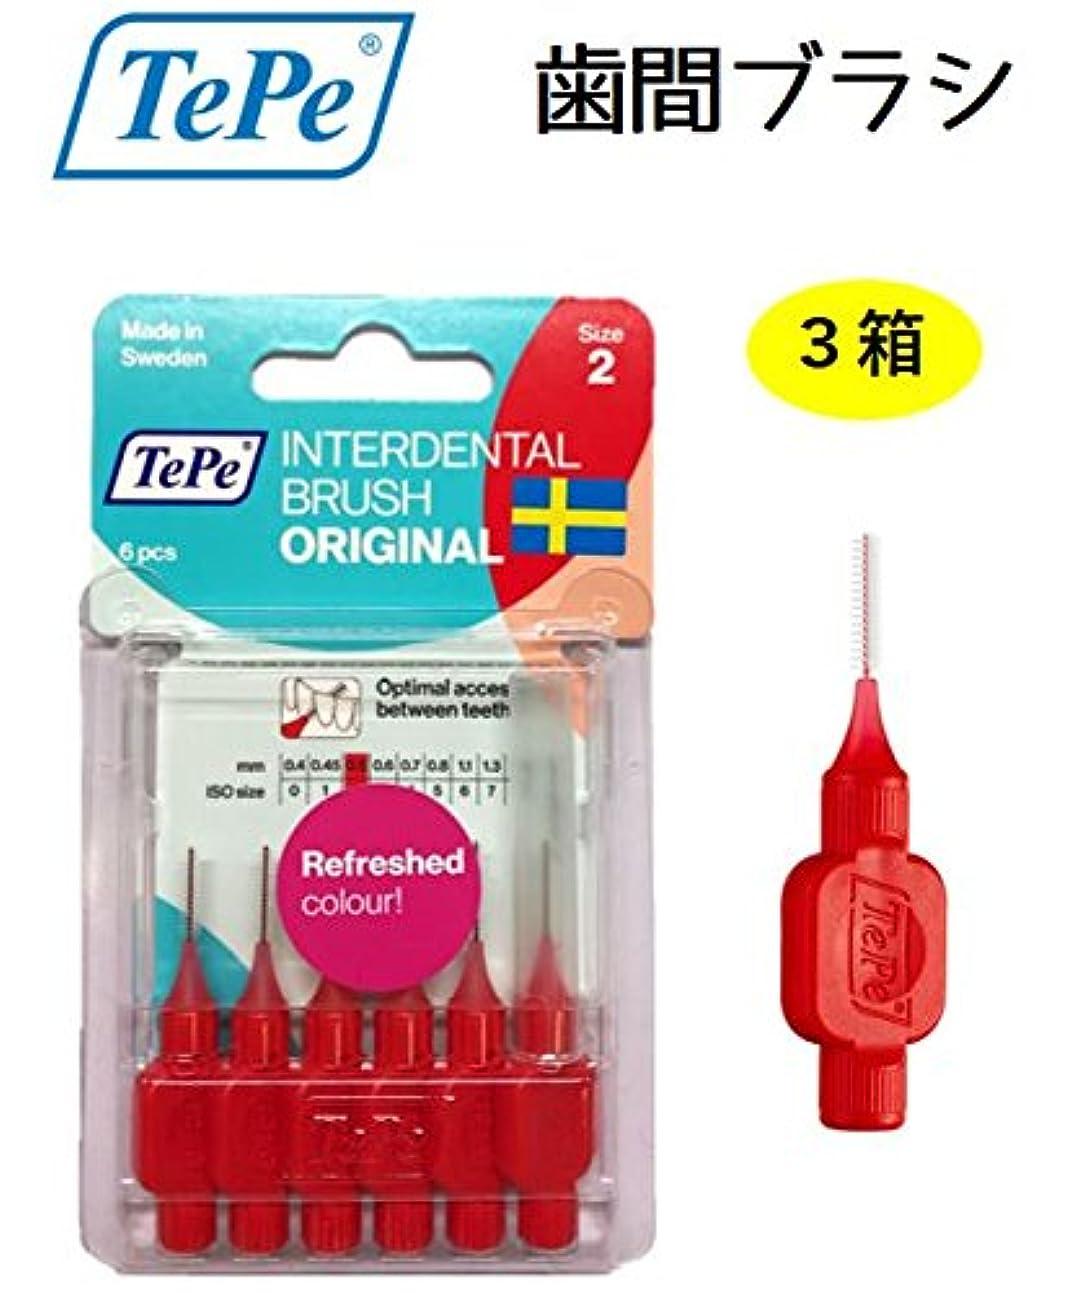 診療所カタログ岸テペ 歯間プラシ 0.5mm ブリスターパック 3パック TePe IDブラシ